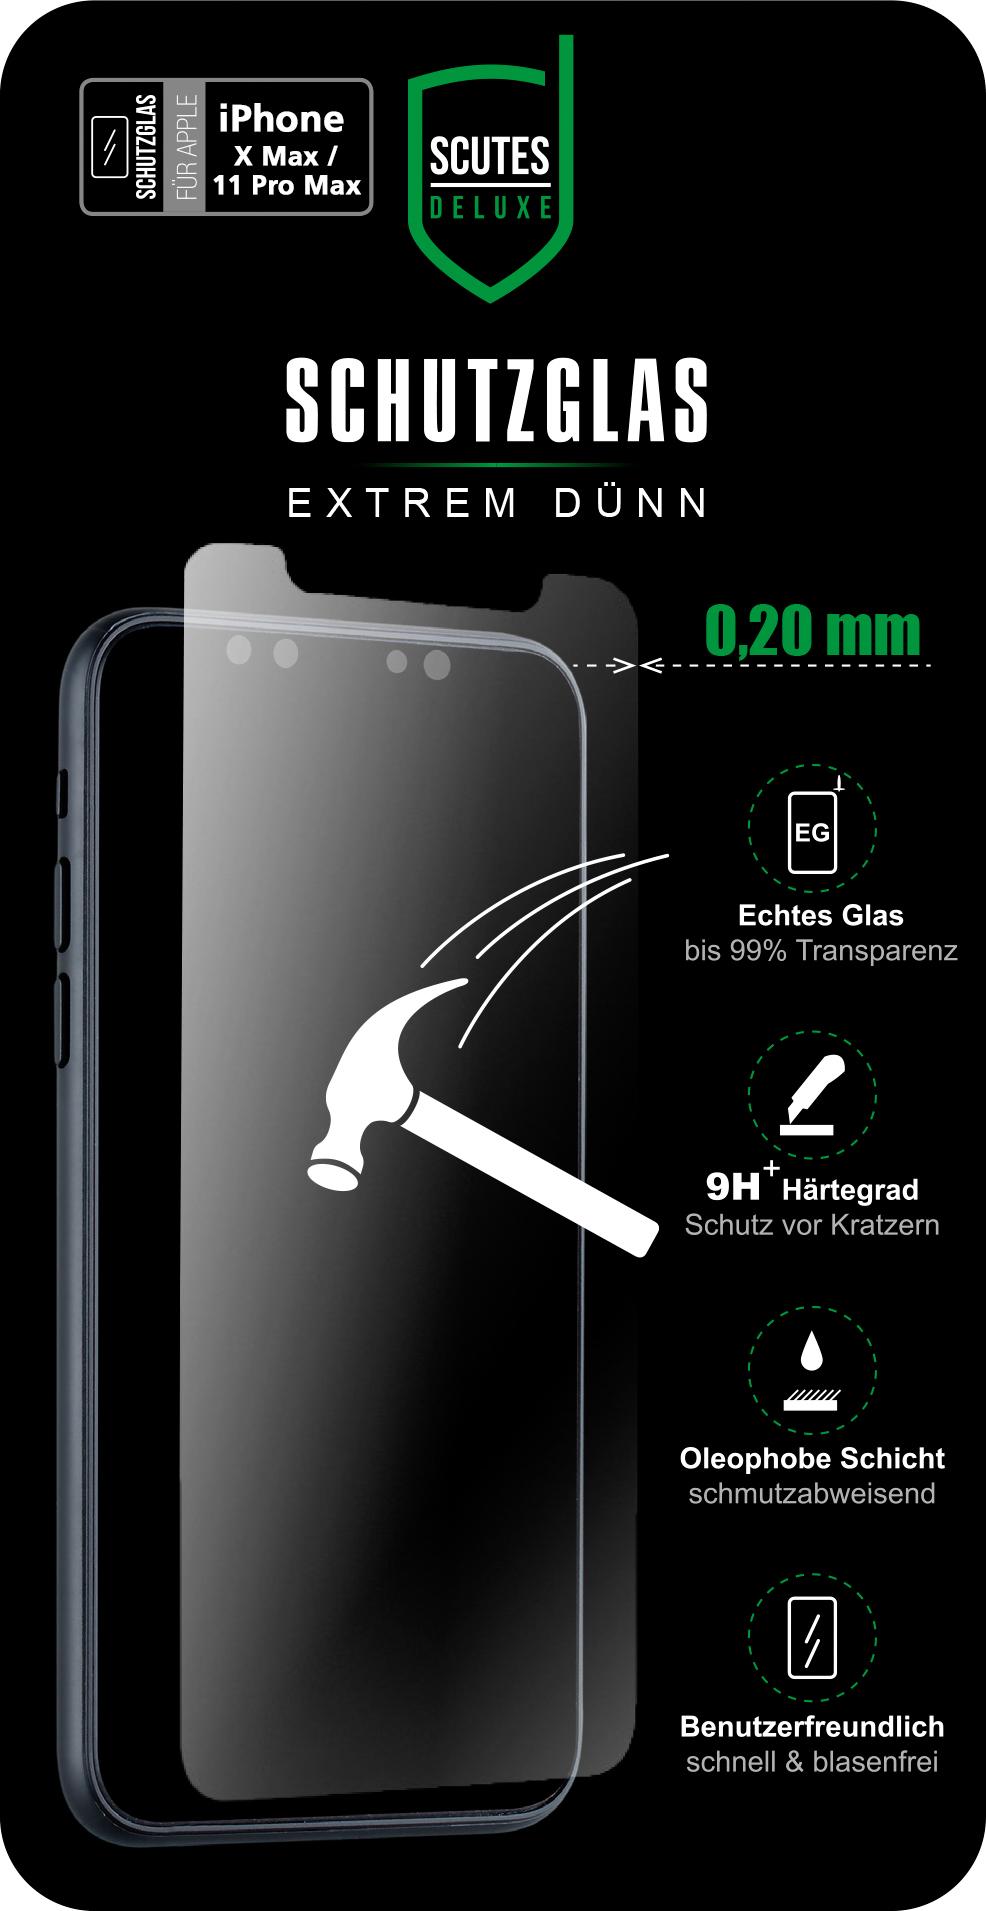 Schutzglas (iPhone 11 Pro Max)